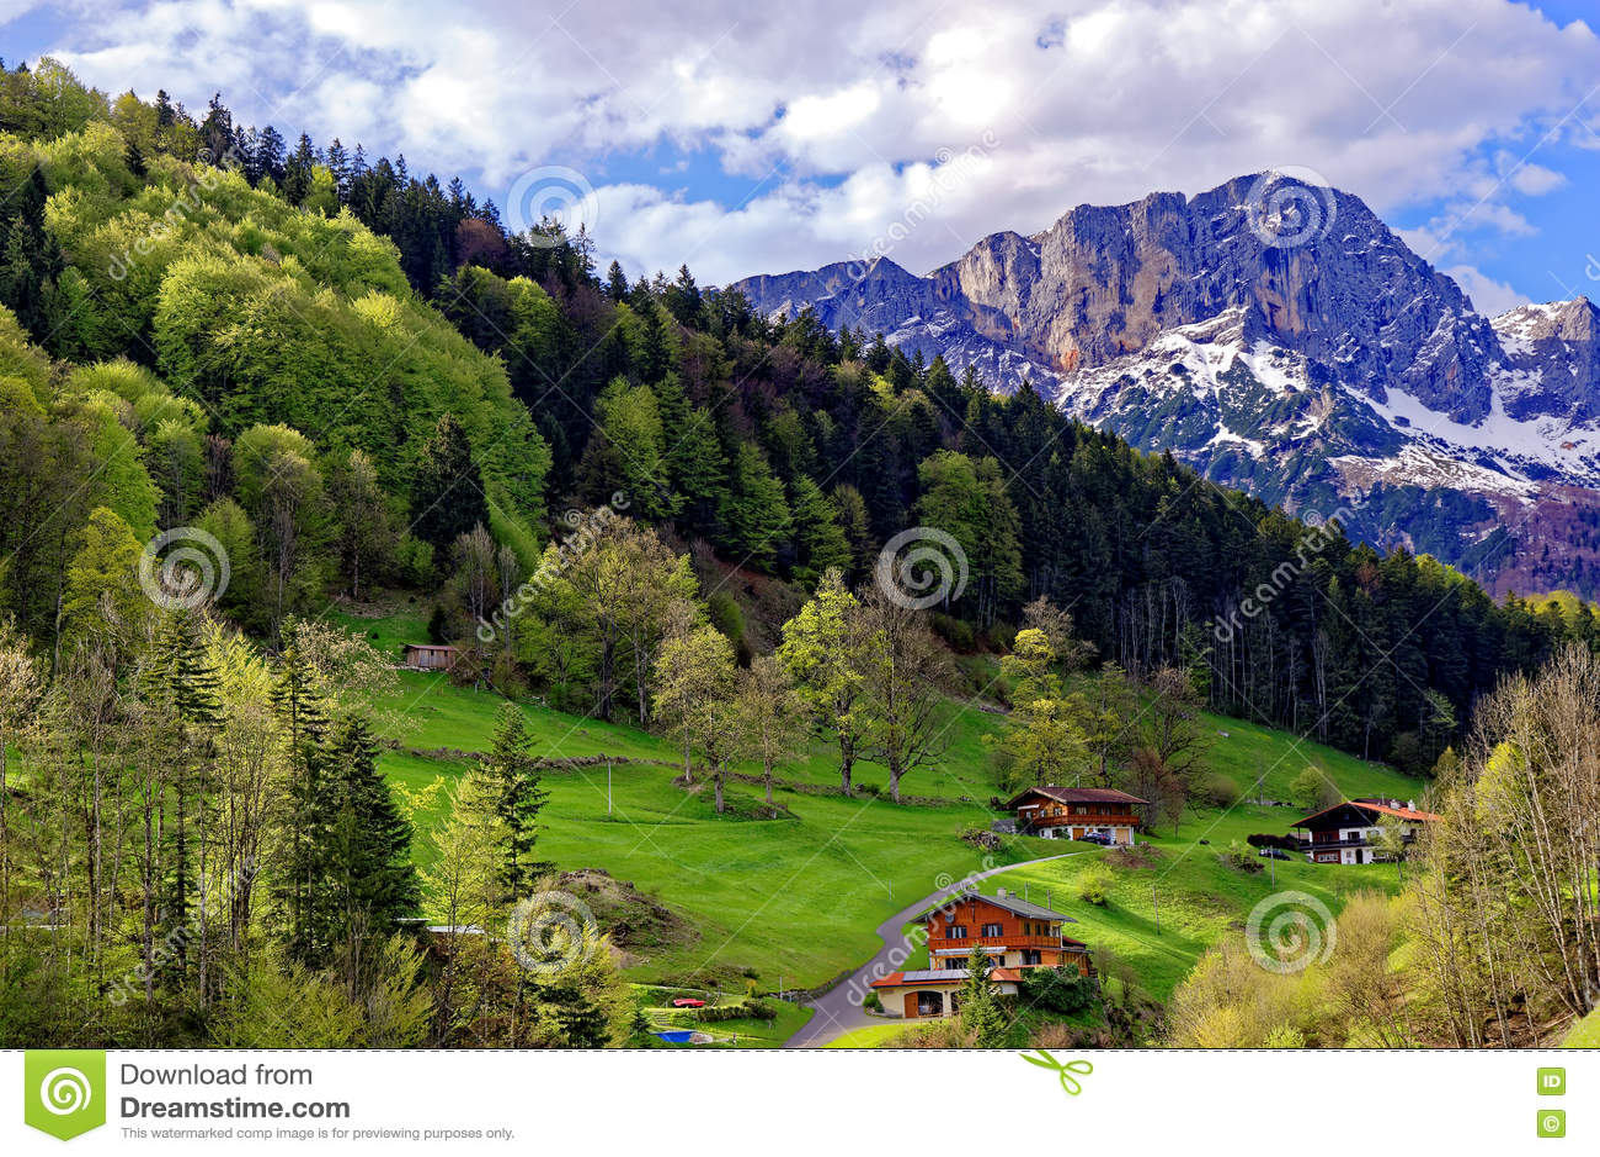 Fattorie nel paesaggio scenico al massiccio di Untersberg